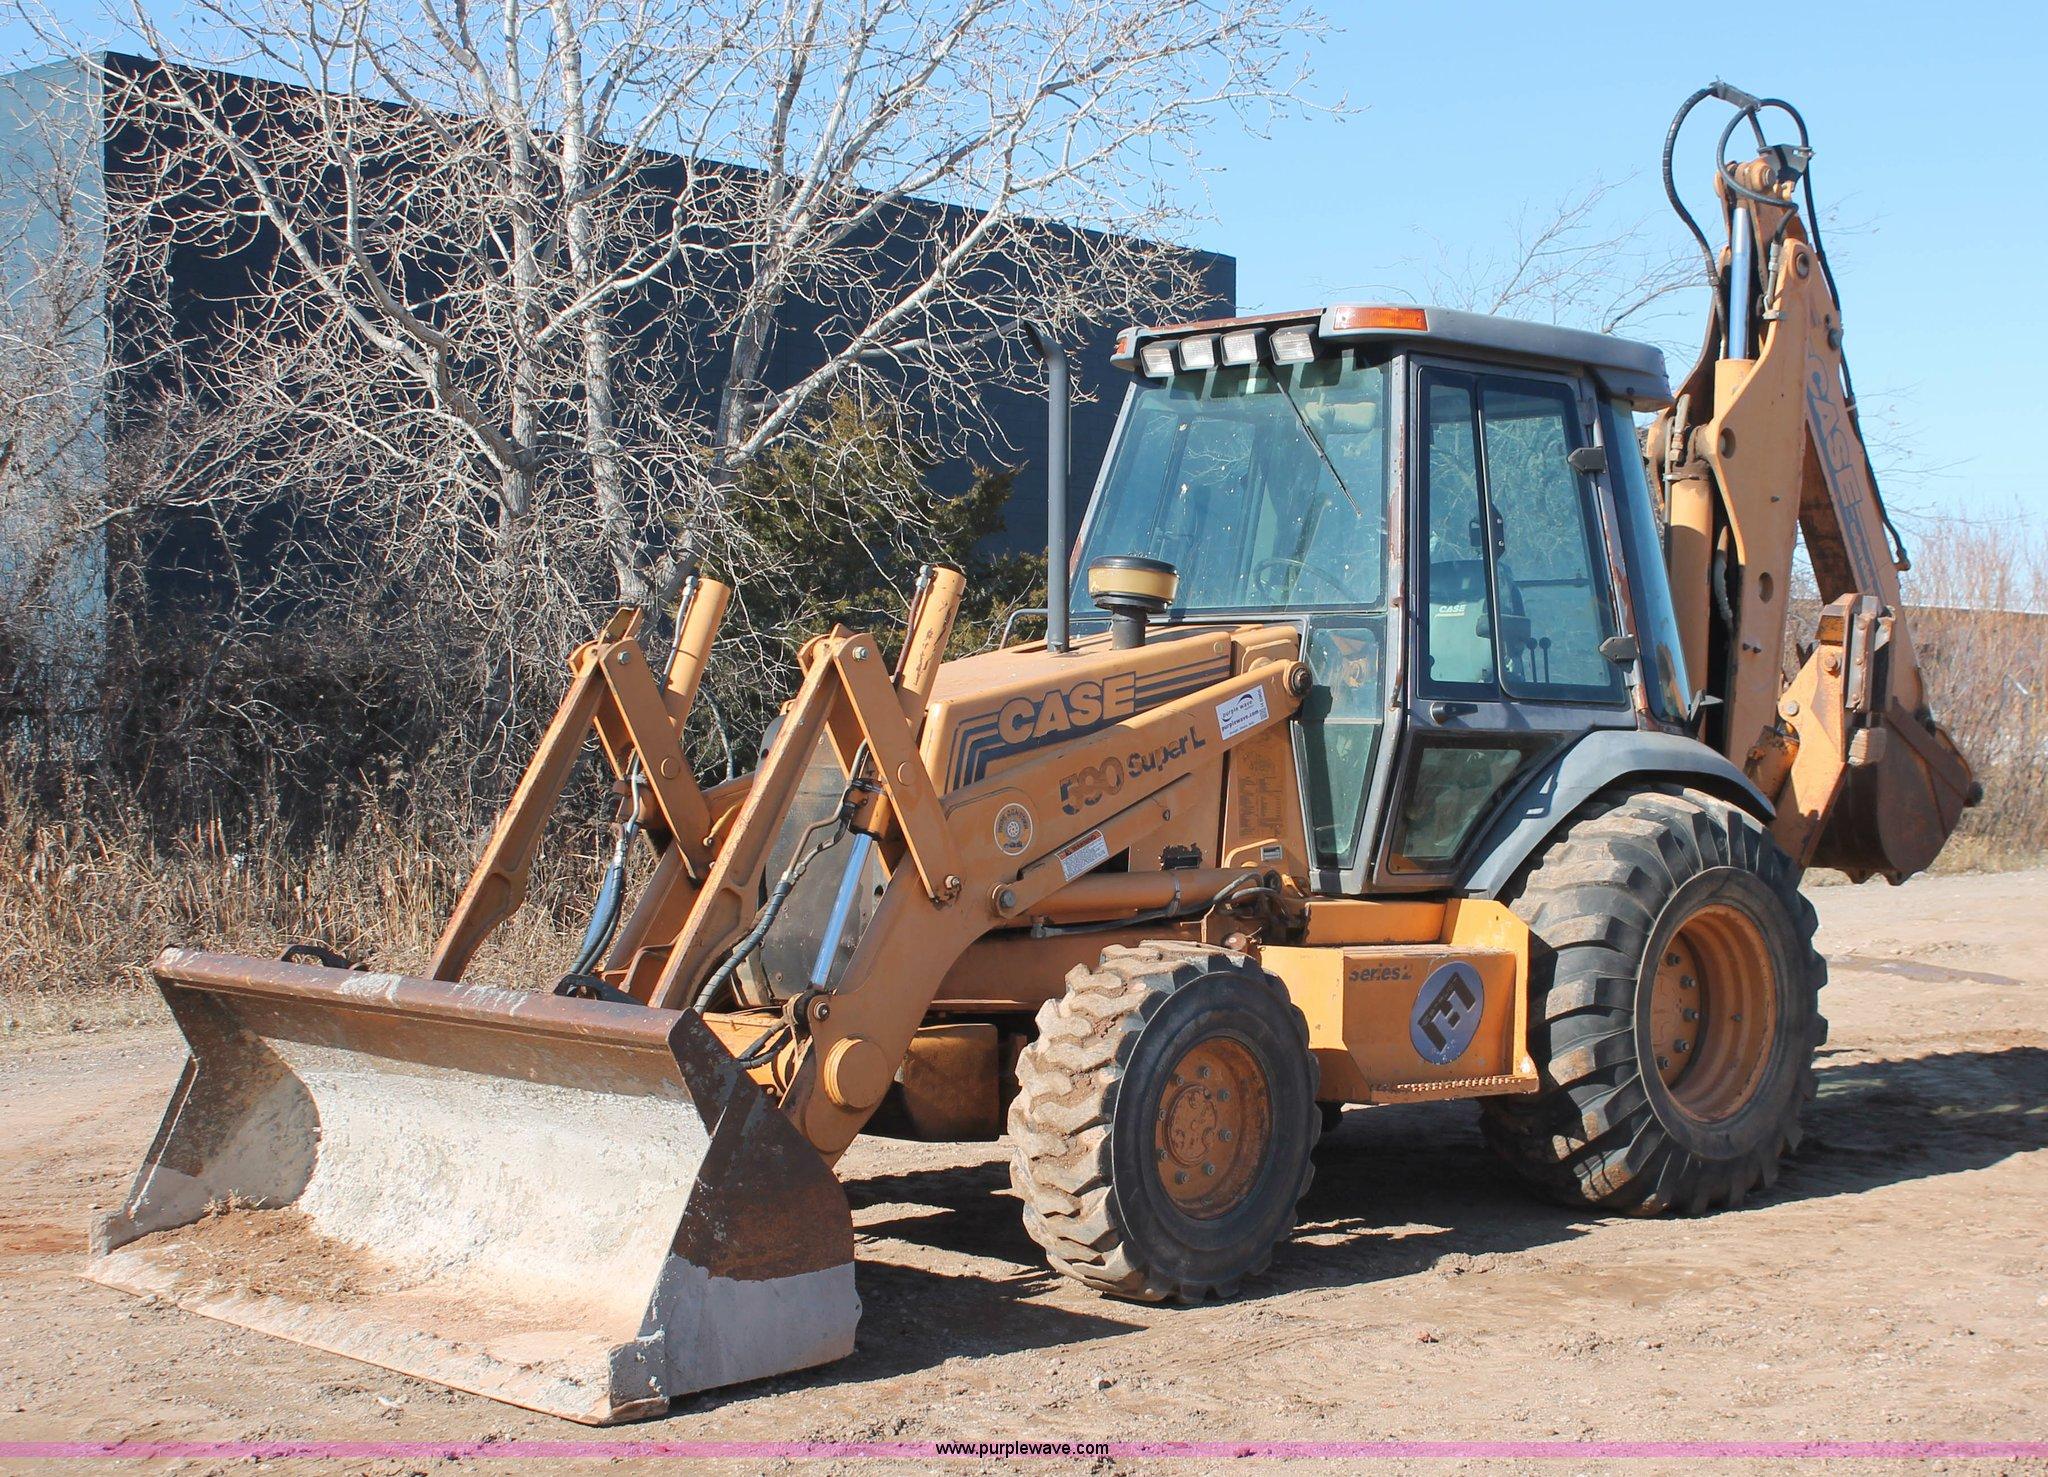 H5966 image for item H5966 1996 Case 590 Super L backhoe